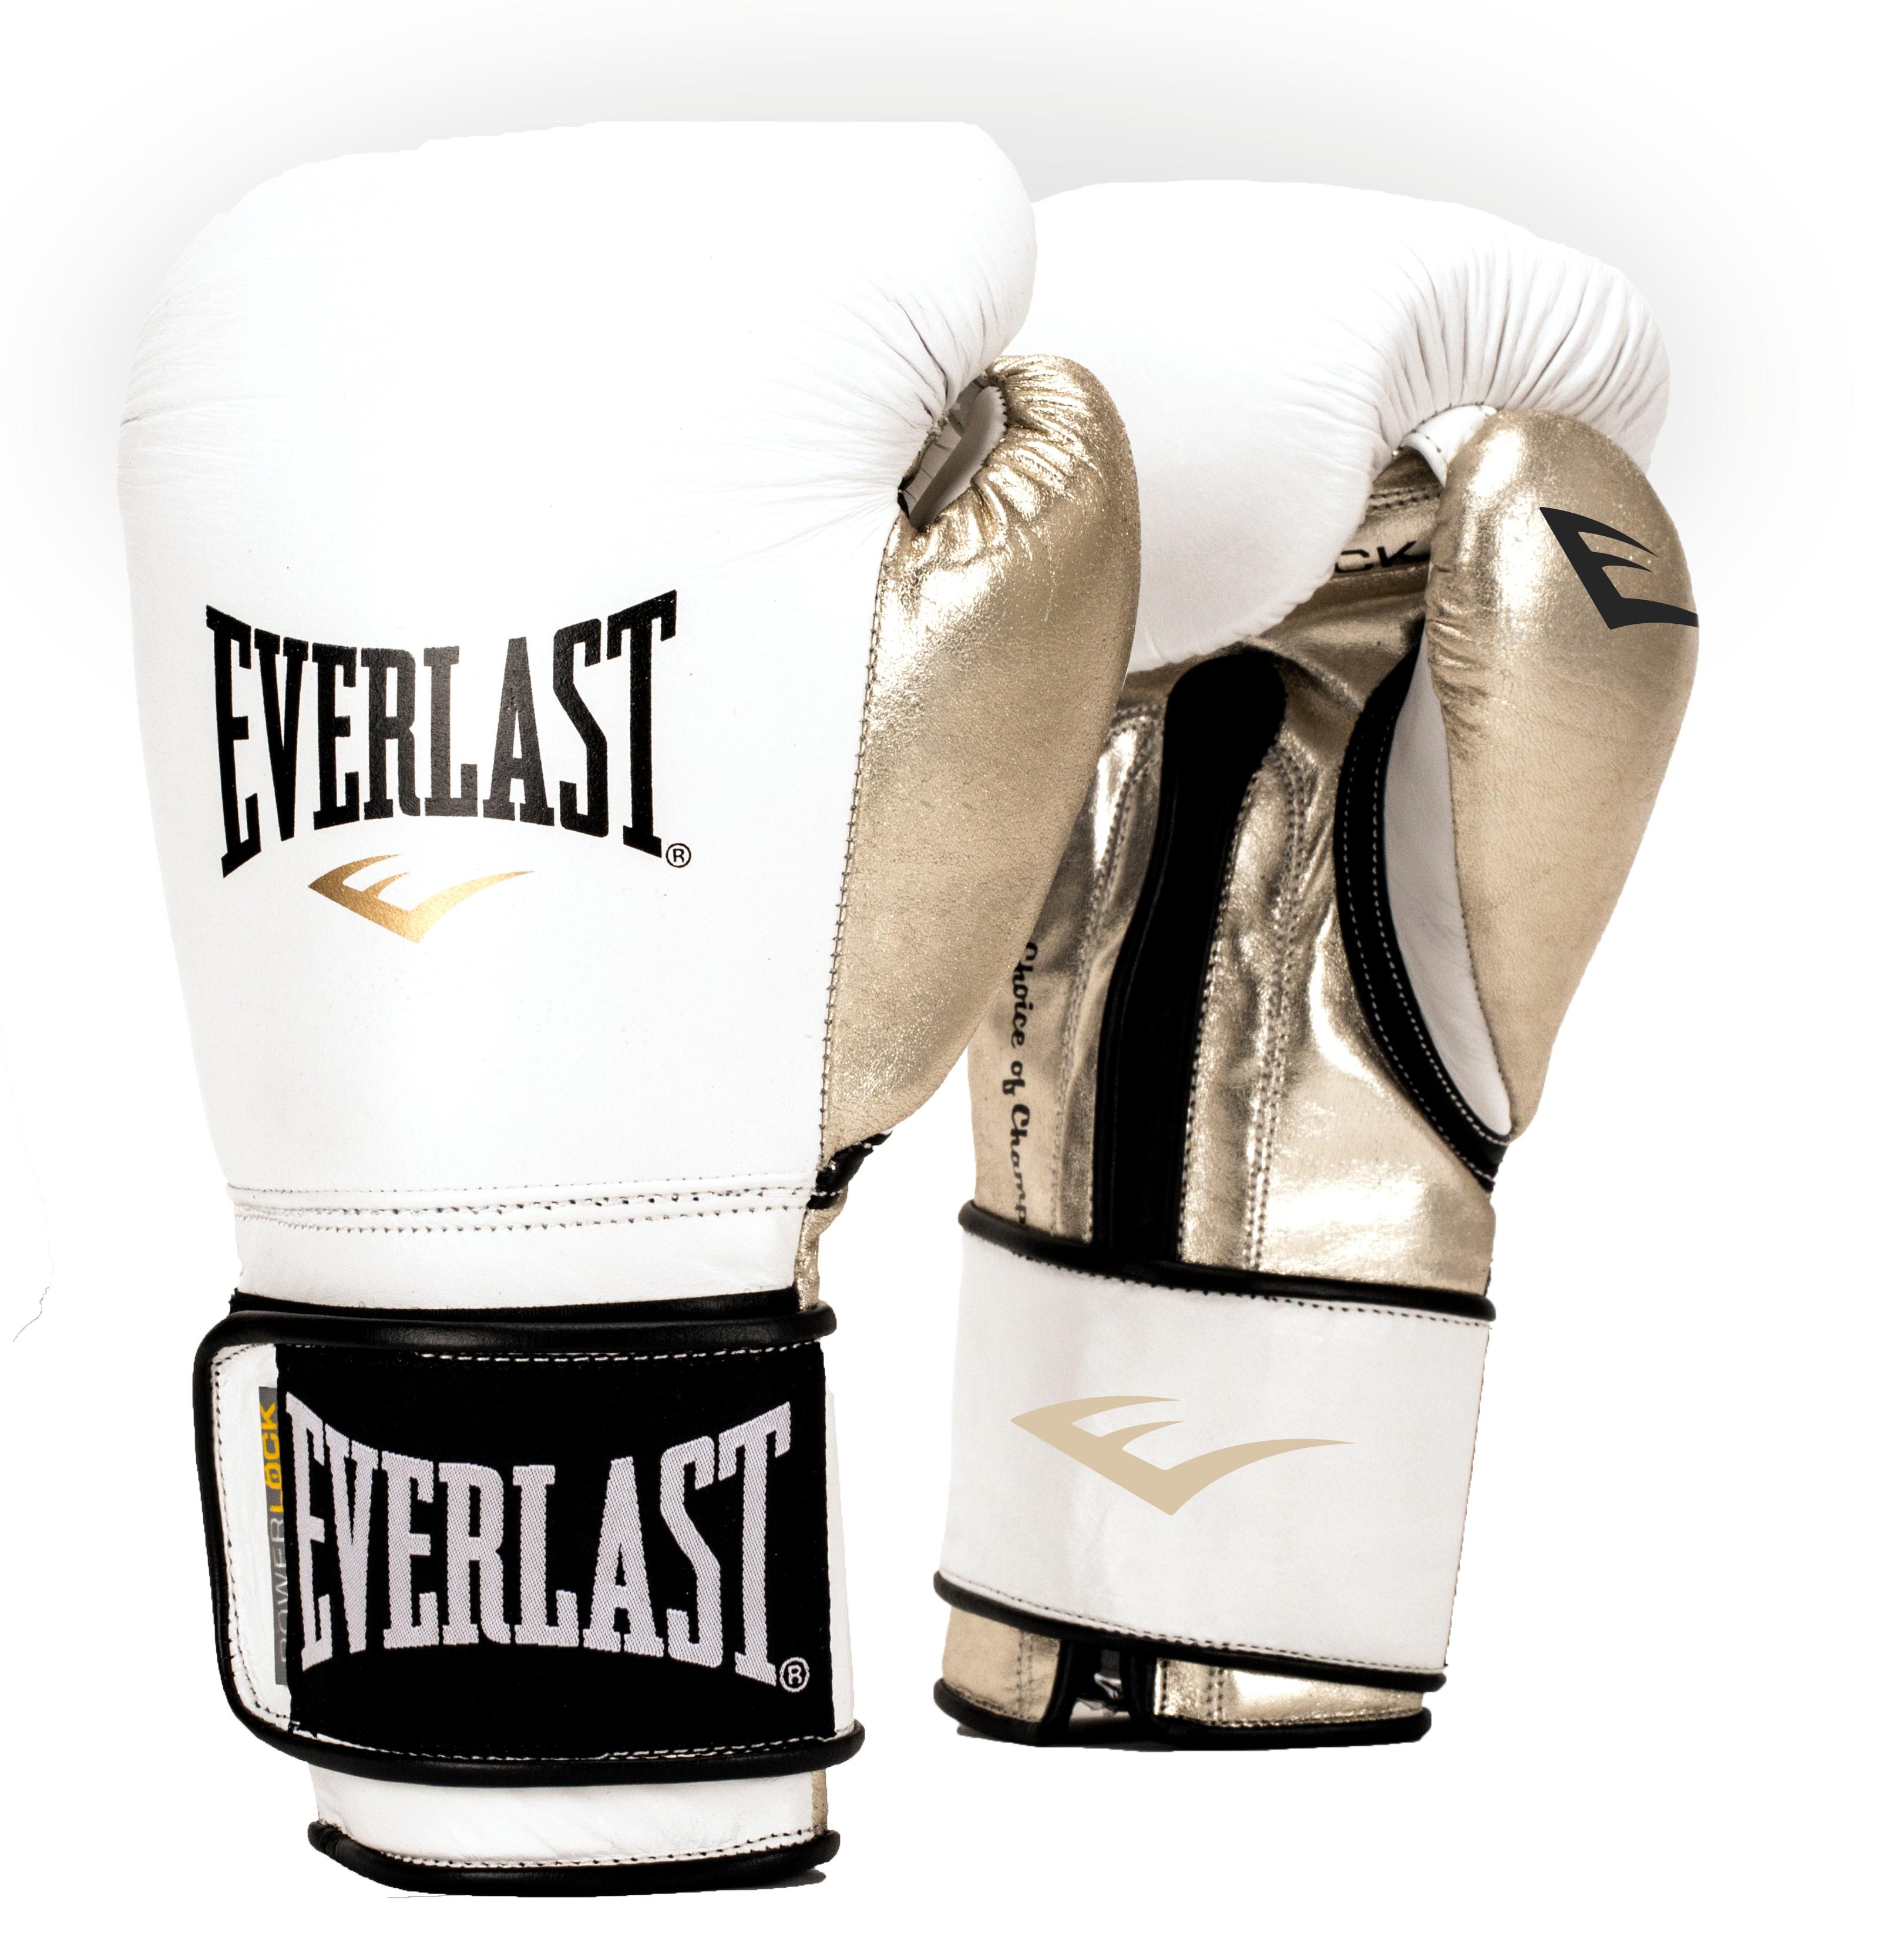 Перчатки тренировочные Everlast Powerlock, цвет: белый, золотой. Вес 12 унцийP00000722Новая линейка тренировочных перчаток для бокса PowerLock. Изготовлены из искусственной кожи в обновленной цветовой гамме. Являются сочетанием инновационных технологий изготовления и традиционной передовой технологии PowerLock.